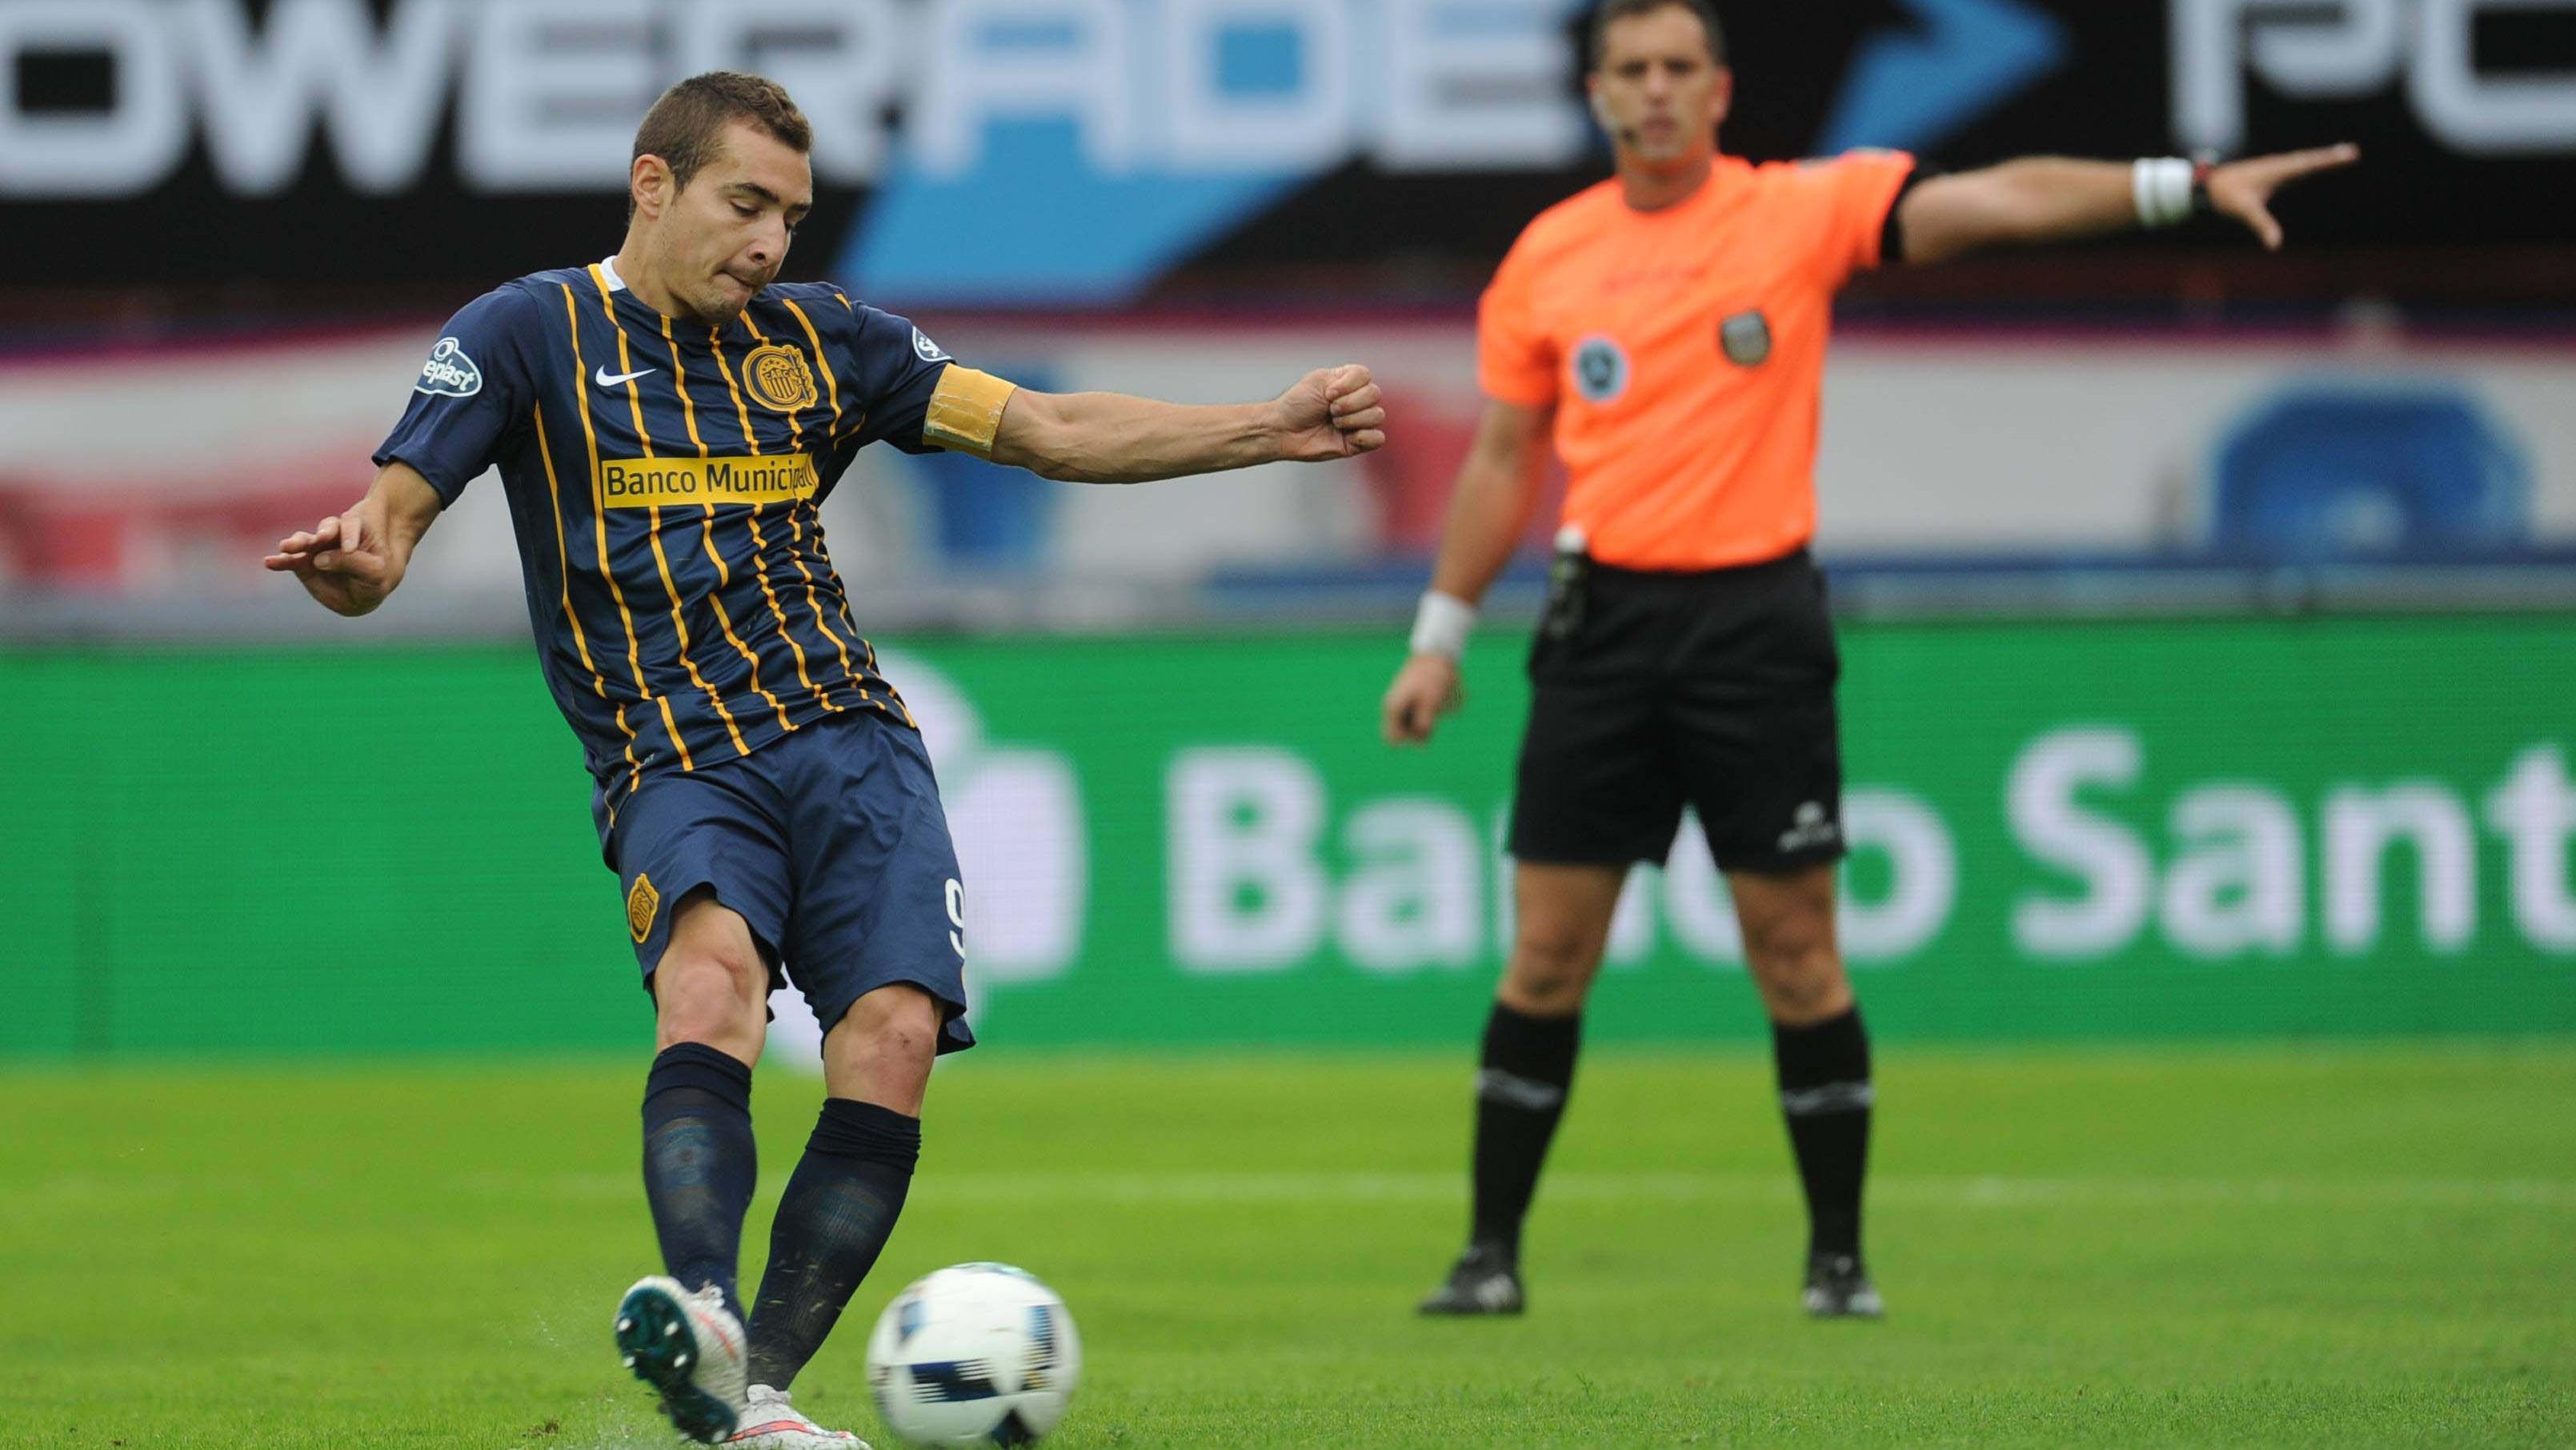 El último gol en el torneo fue convertido por Ruben